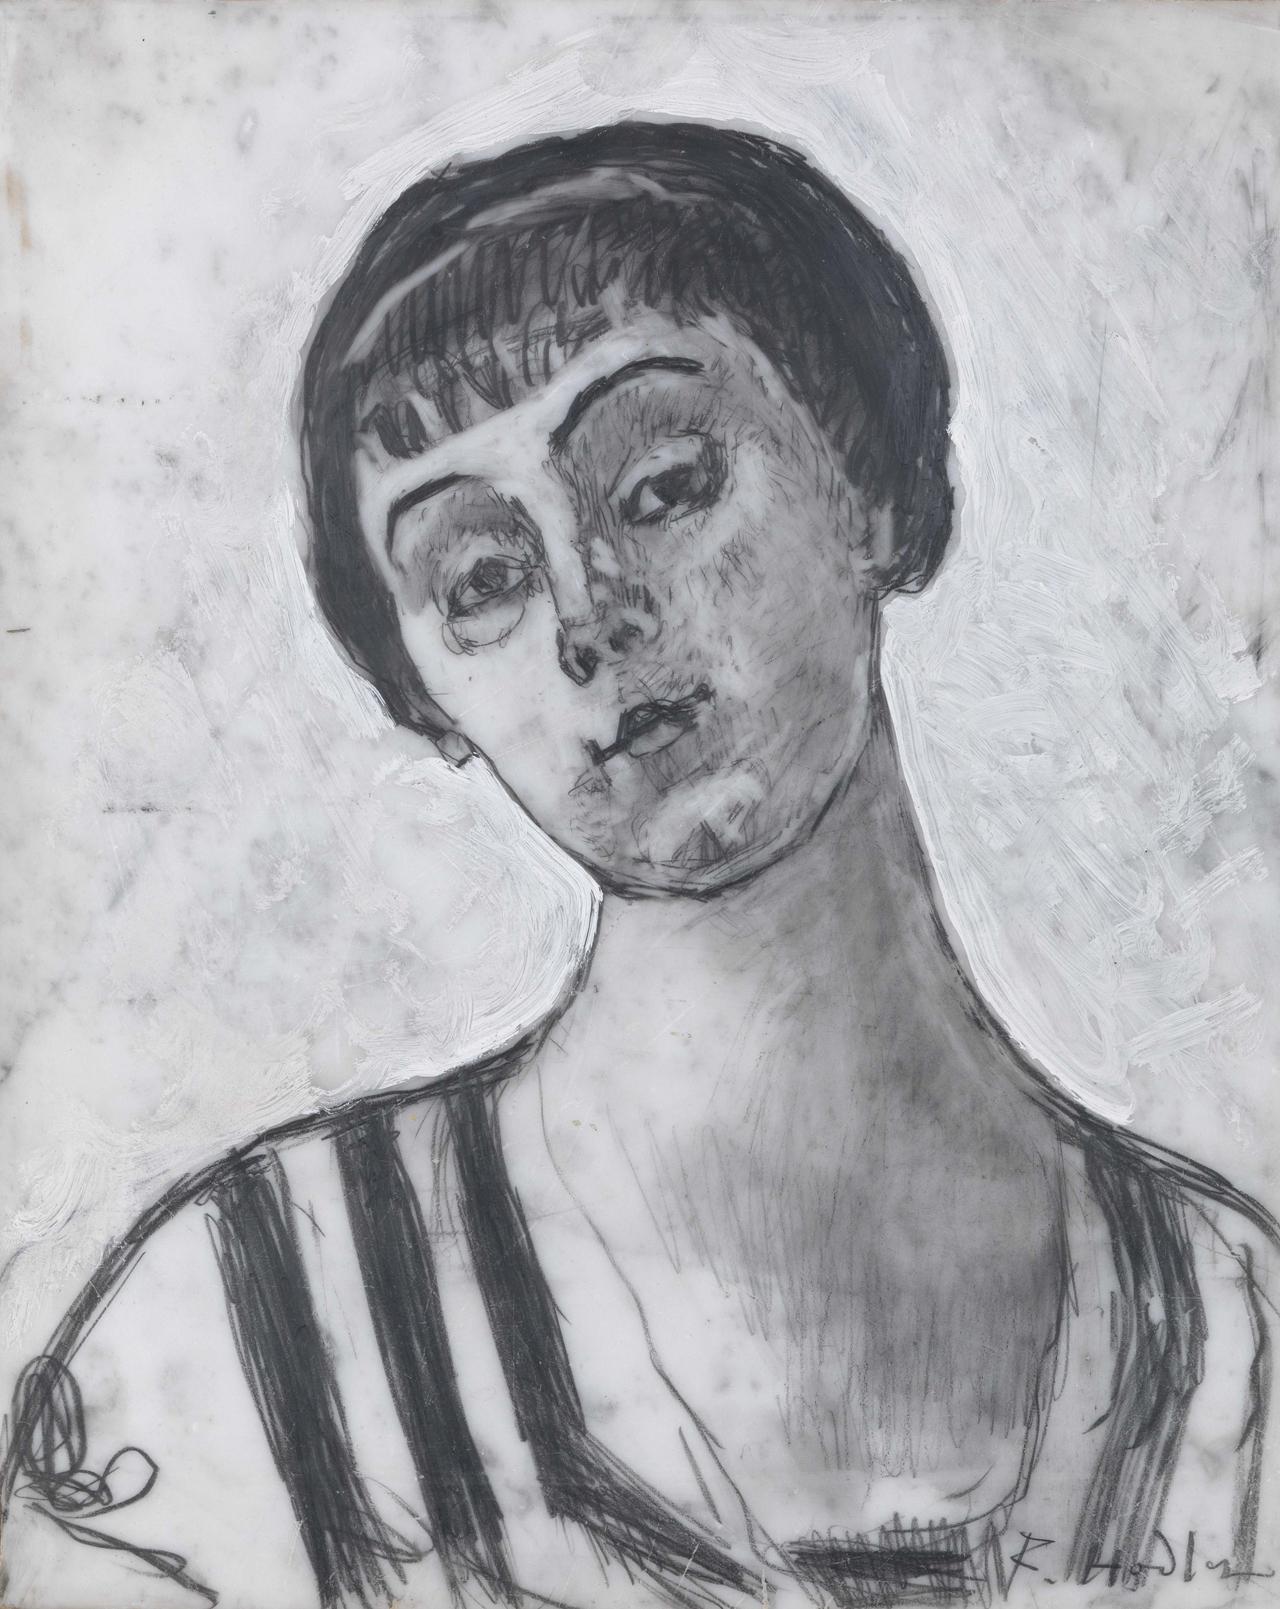 Ferdinand Hodler, Bildnis der Jeanne Amélie Günzburger-Malan, 1912, Graft und ölhaltige Farbe auf Marmor, 36,5 x 29,5 cm